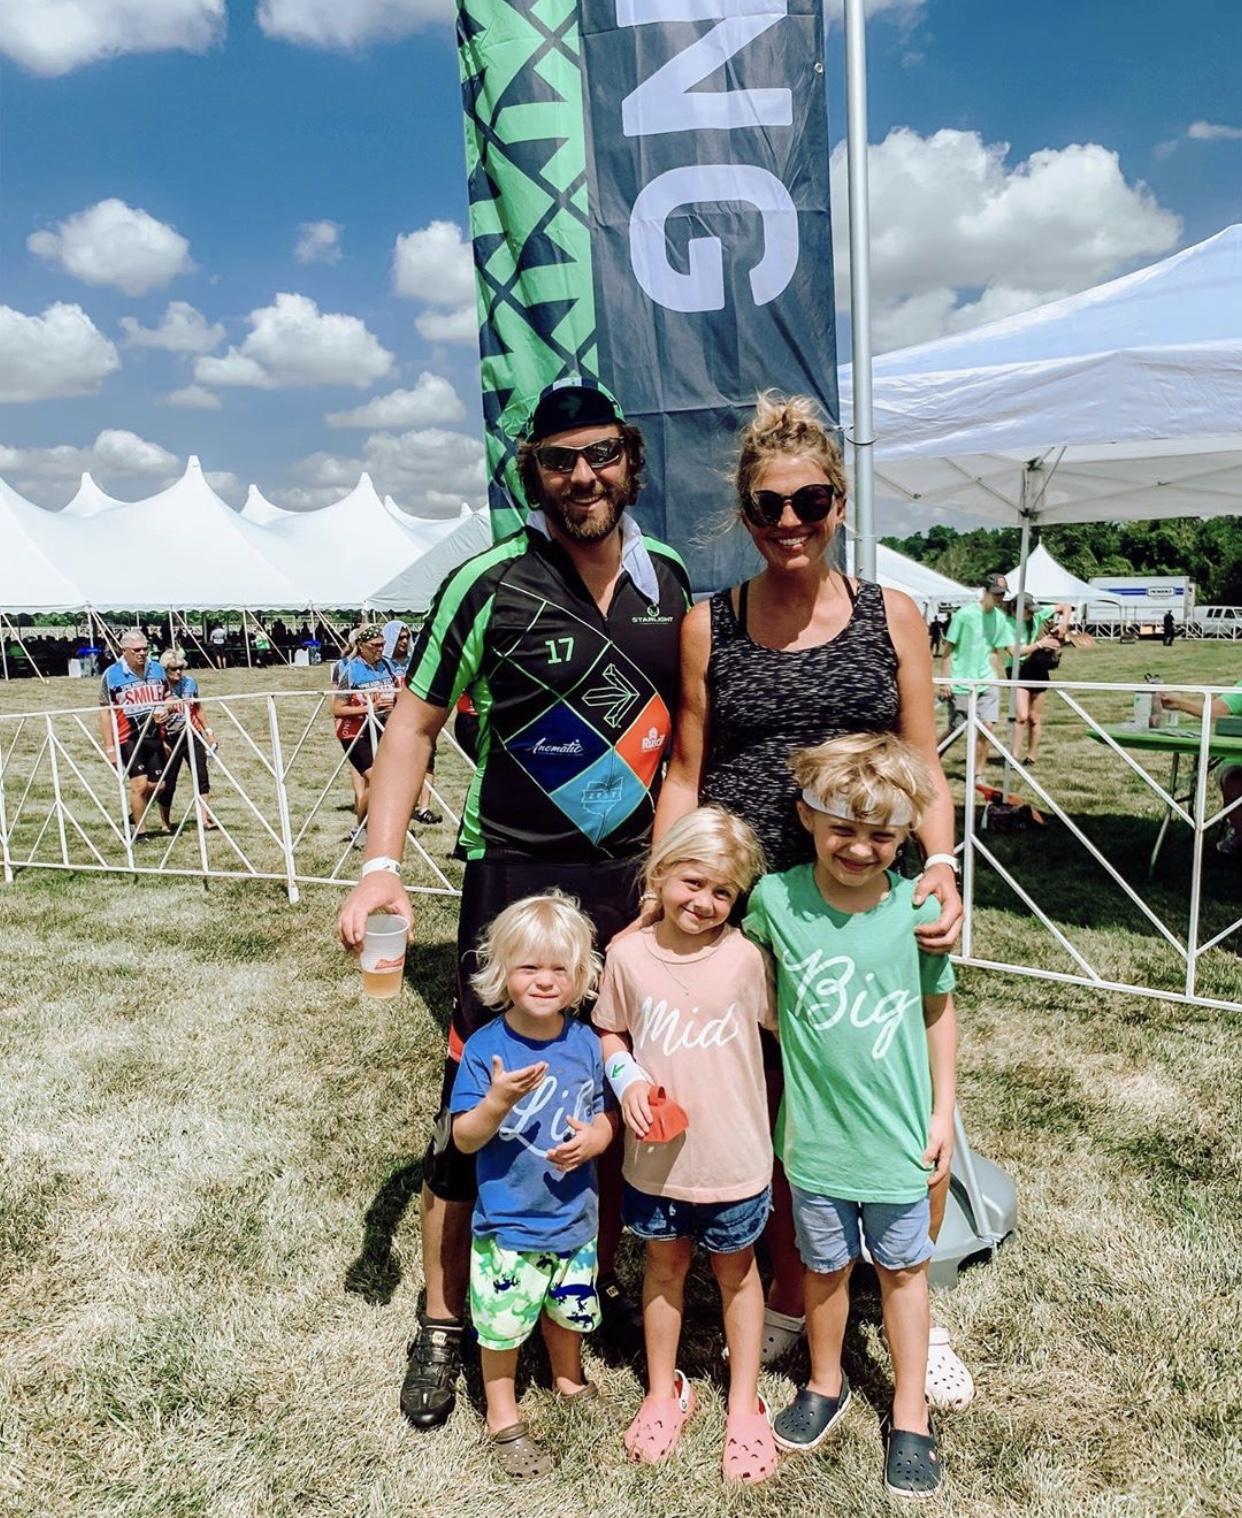 Pelotonia 2019 Weekend in Columbus